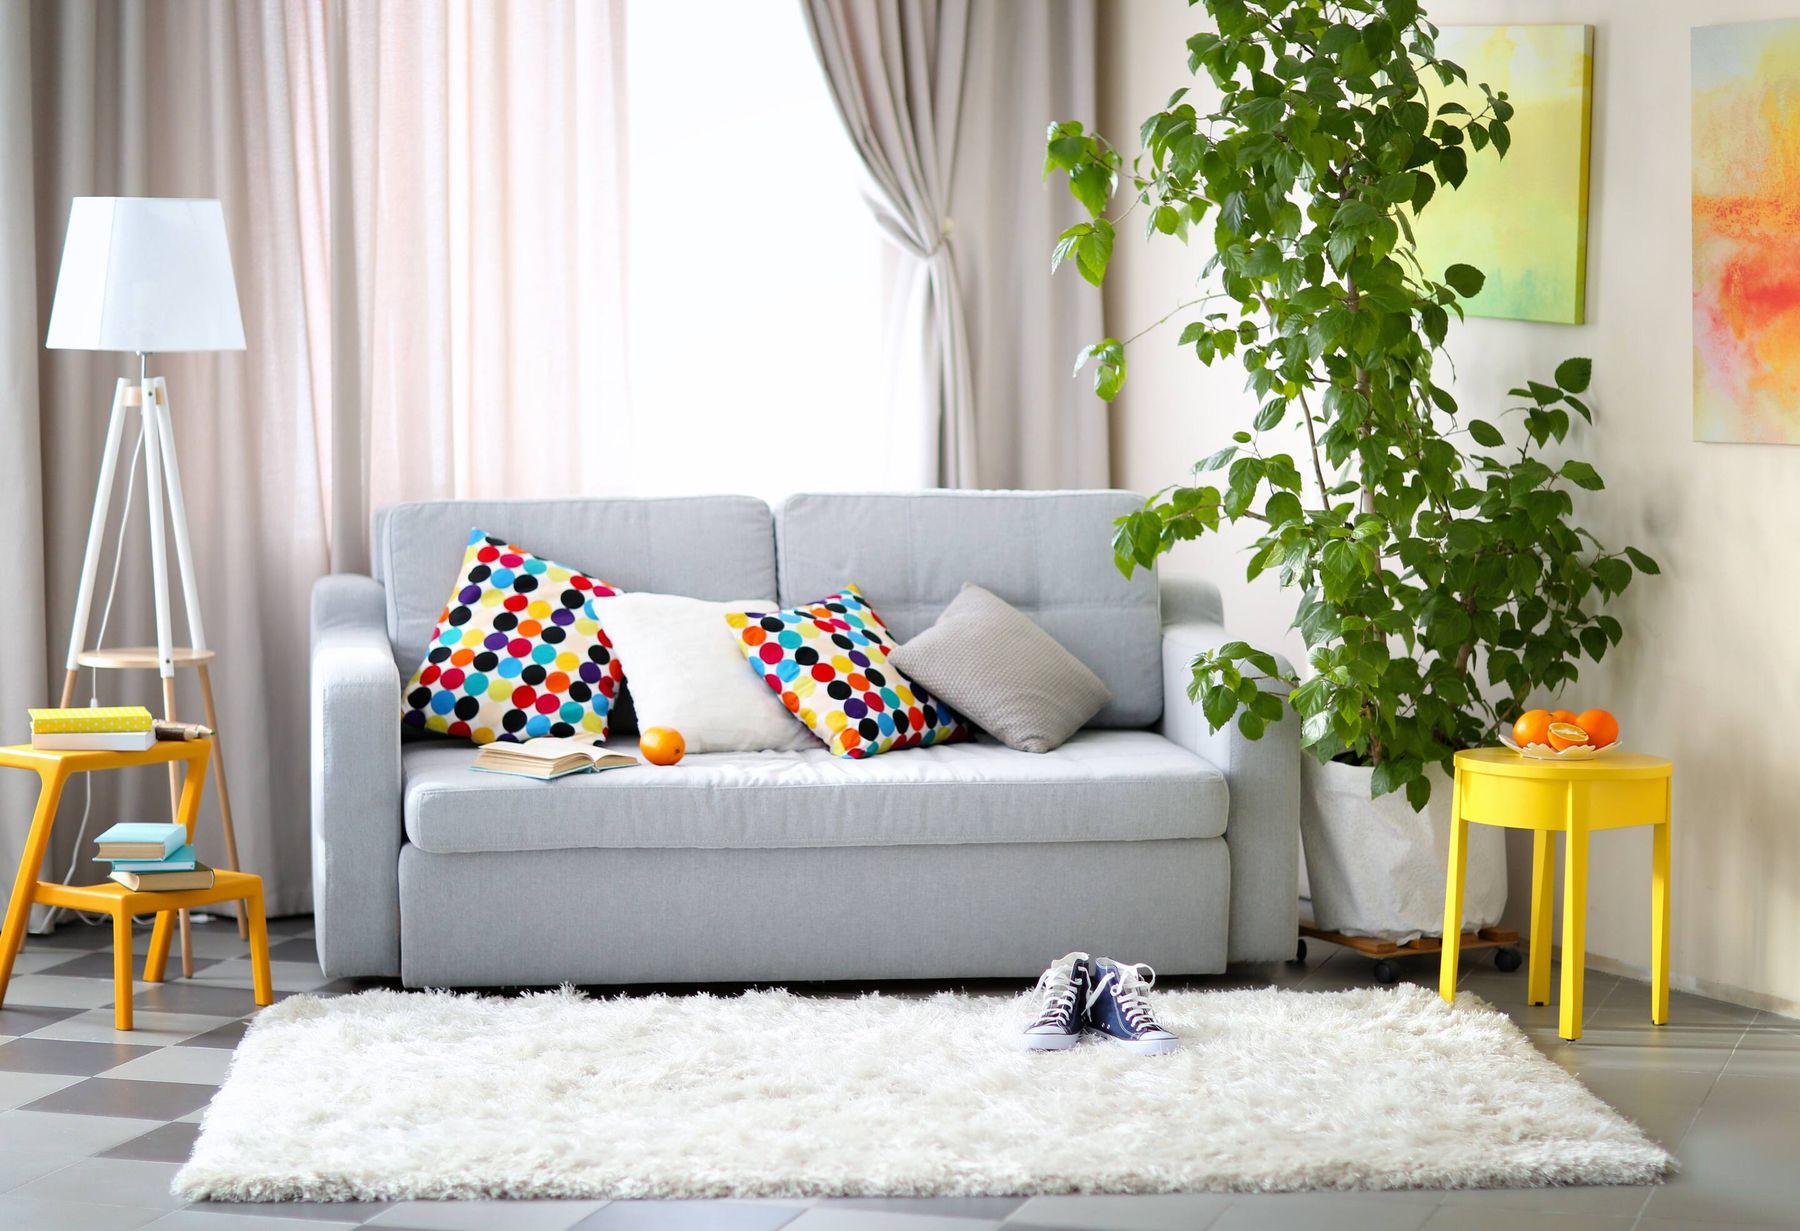 vệ sinh hút bụi ghế sofa giúp sạch bụi bẩn